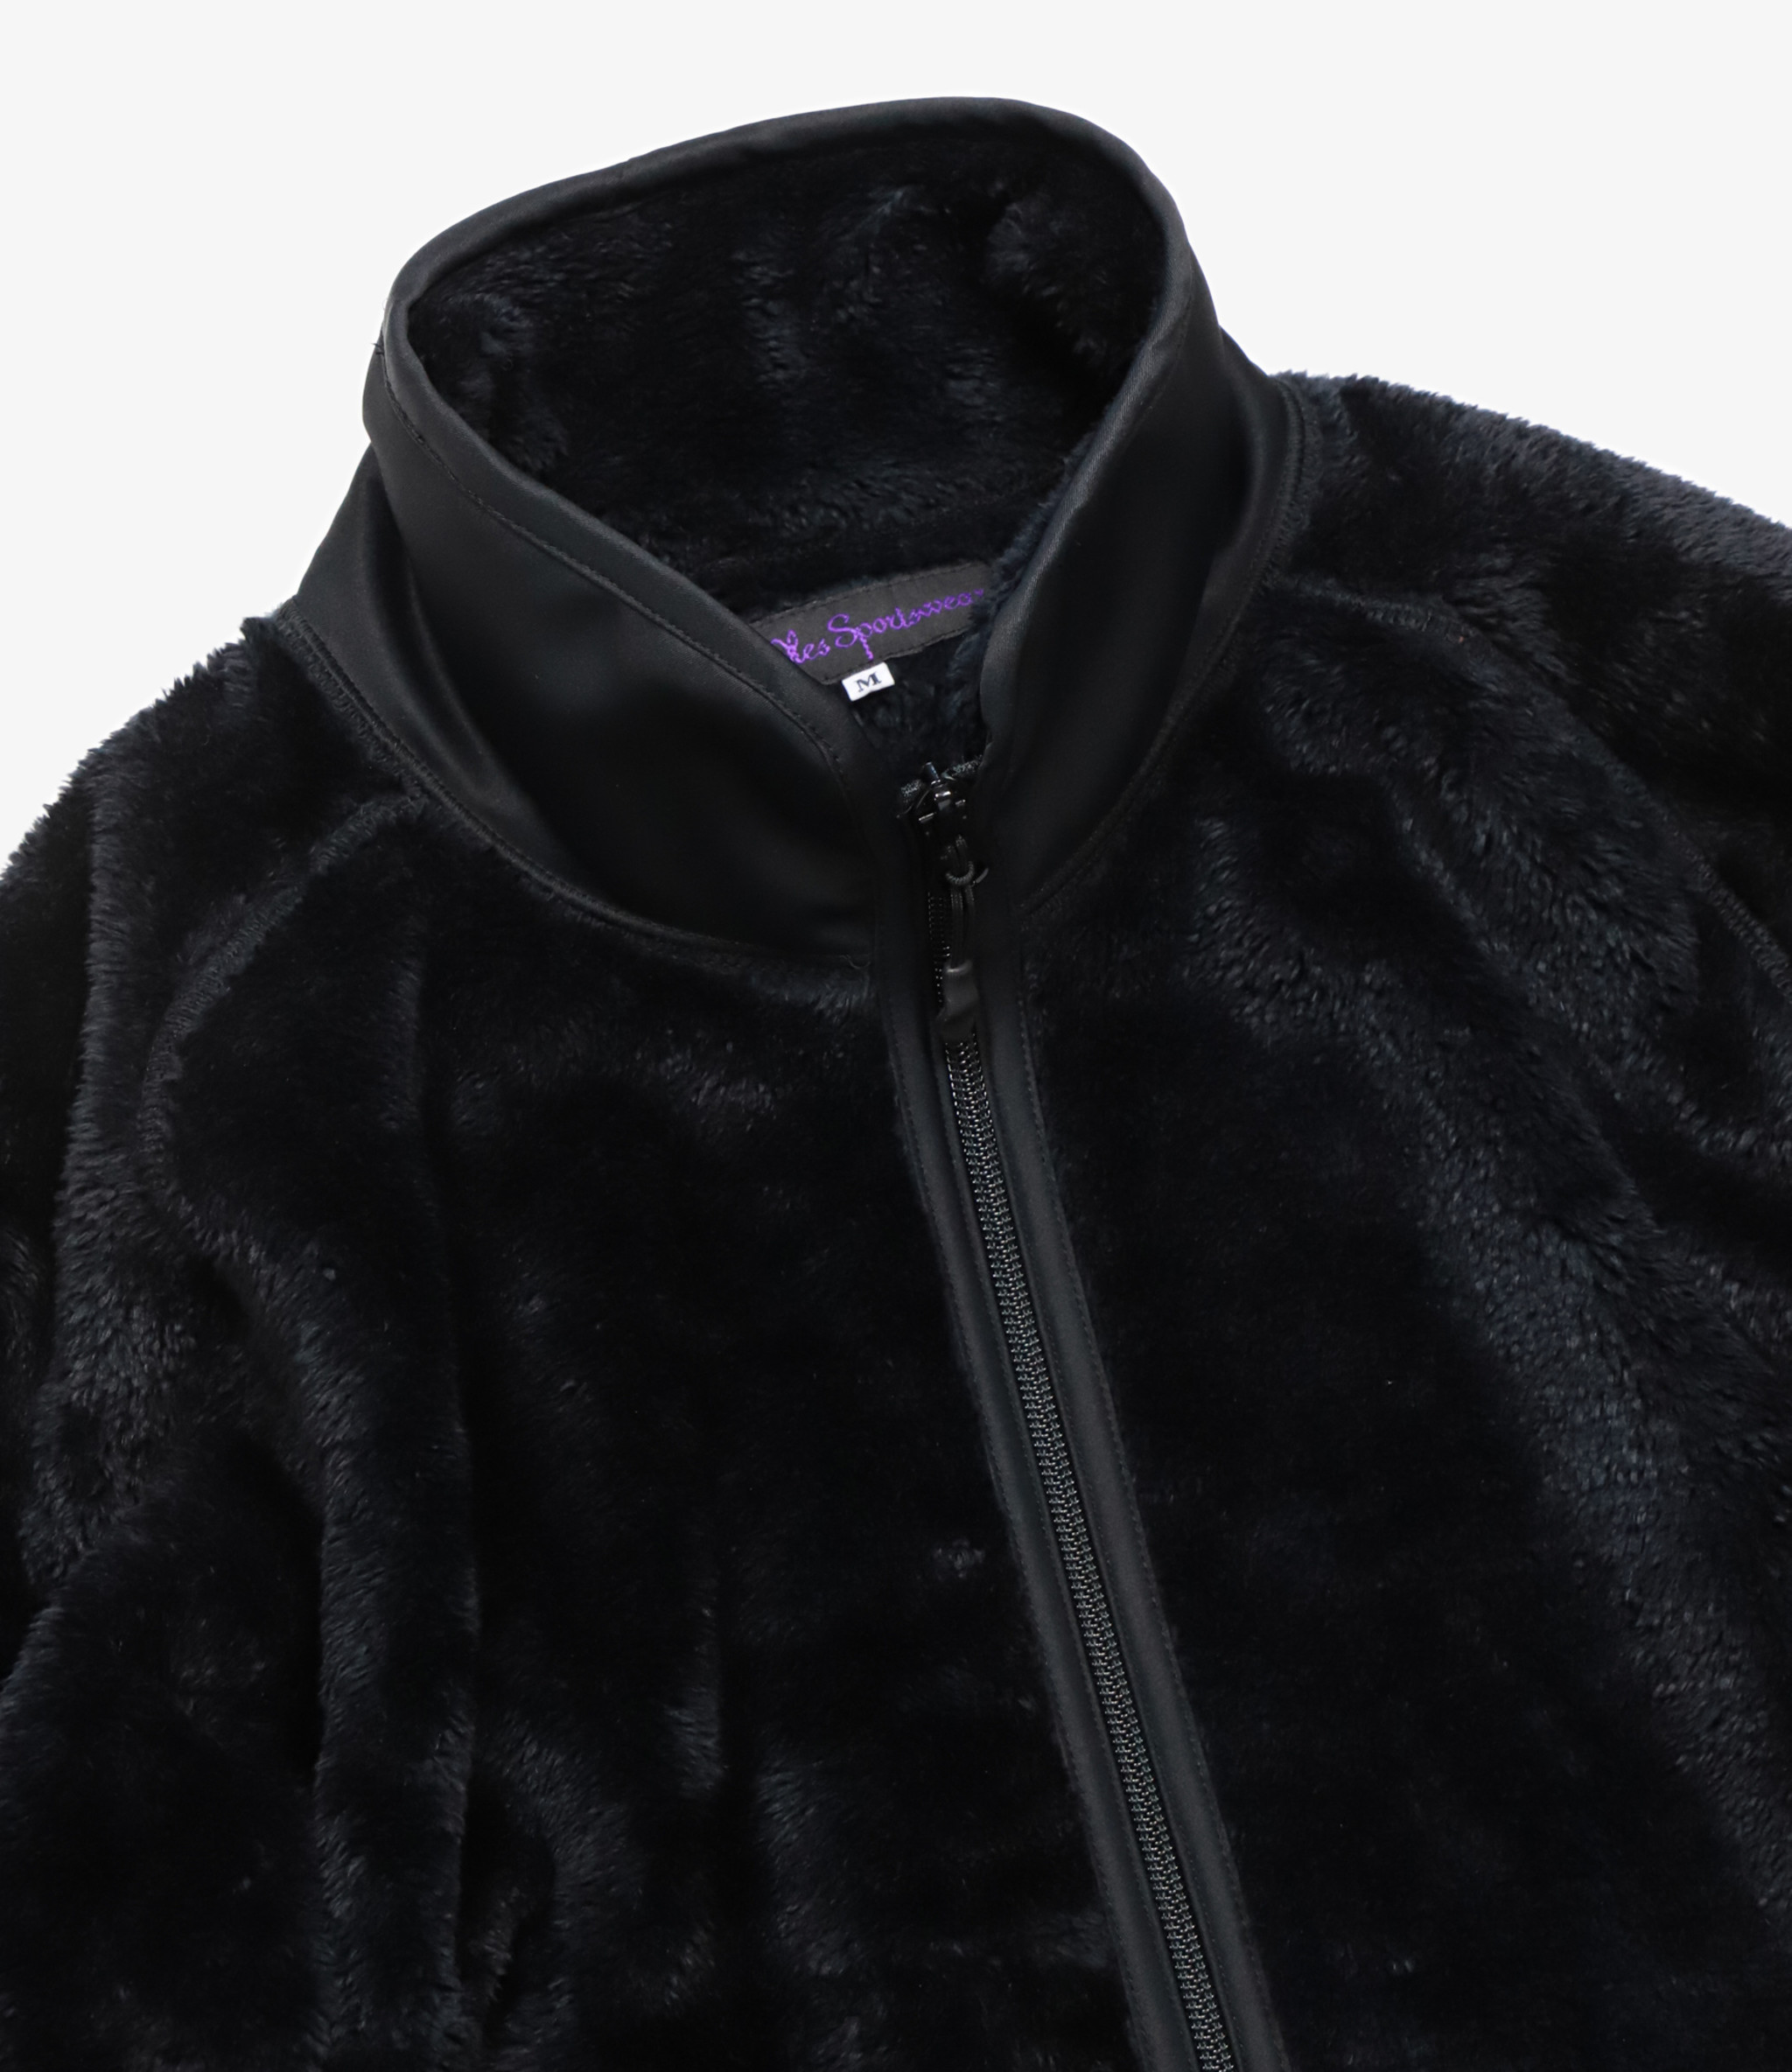 Needles Sportswear - Piping Jacket - Micro Fleece Black